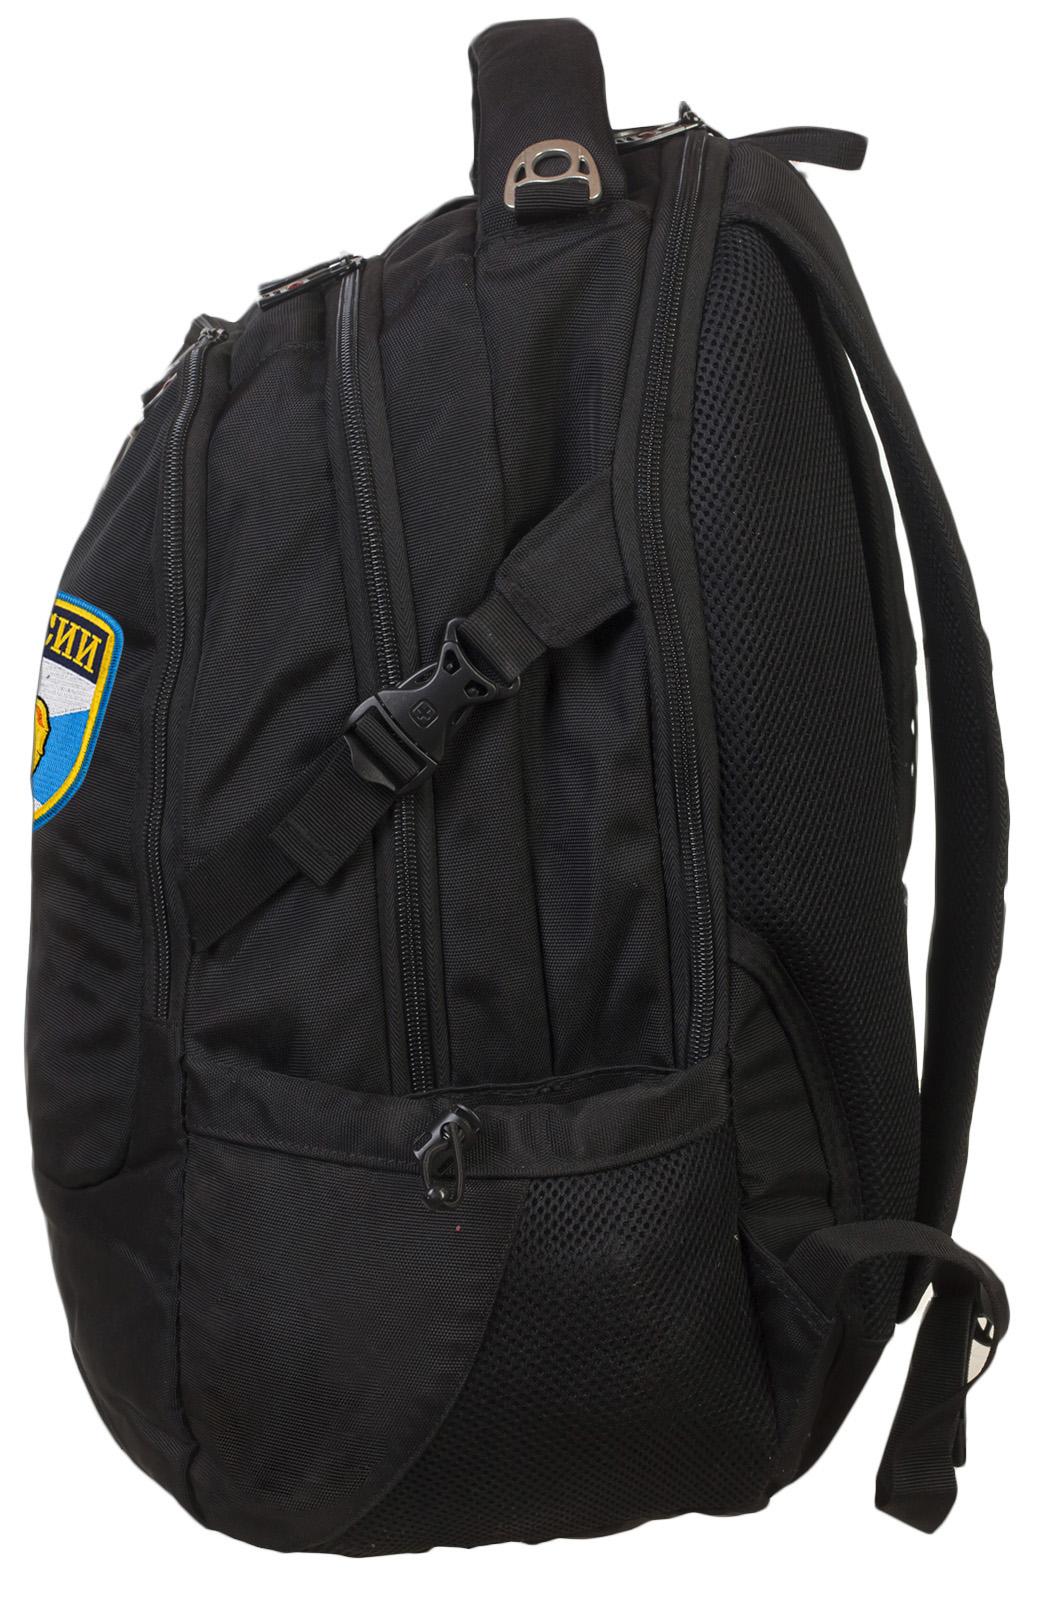 Зачетный внушительный рюкзак с нашивкой ФСО России - купить выгодно